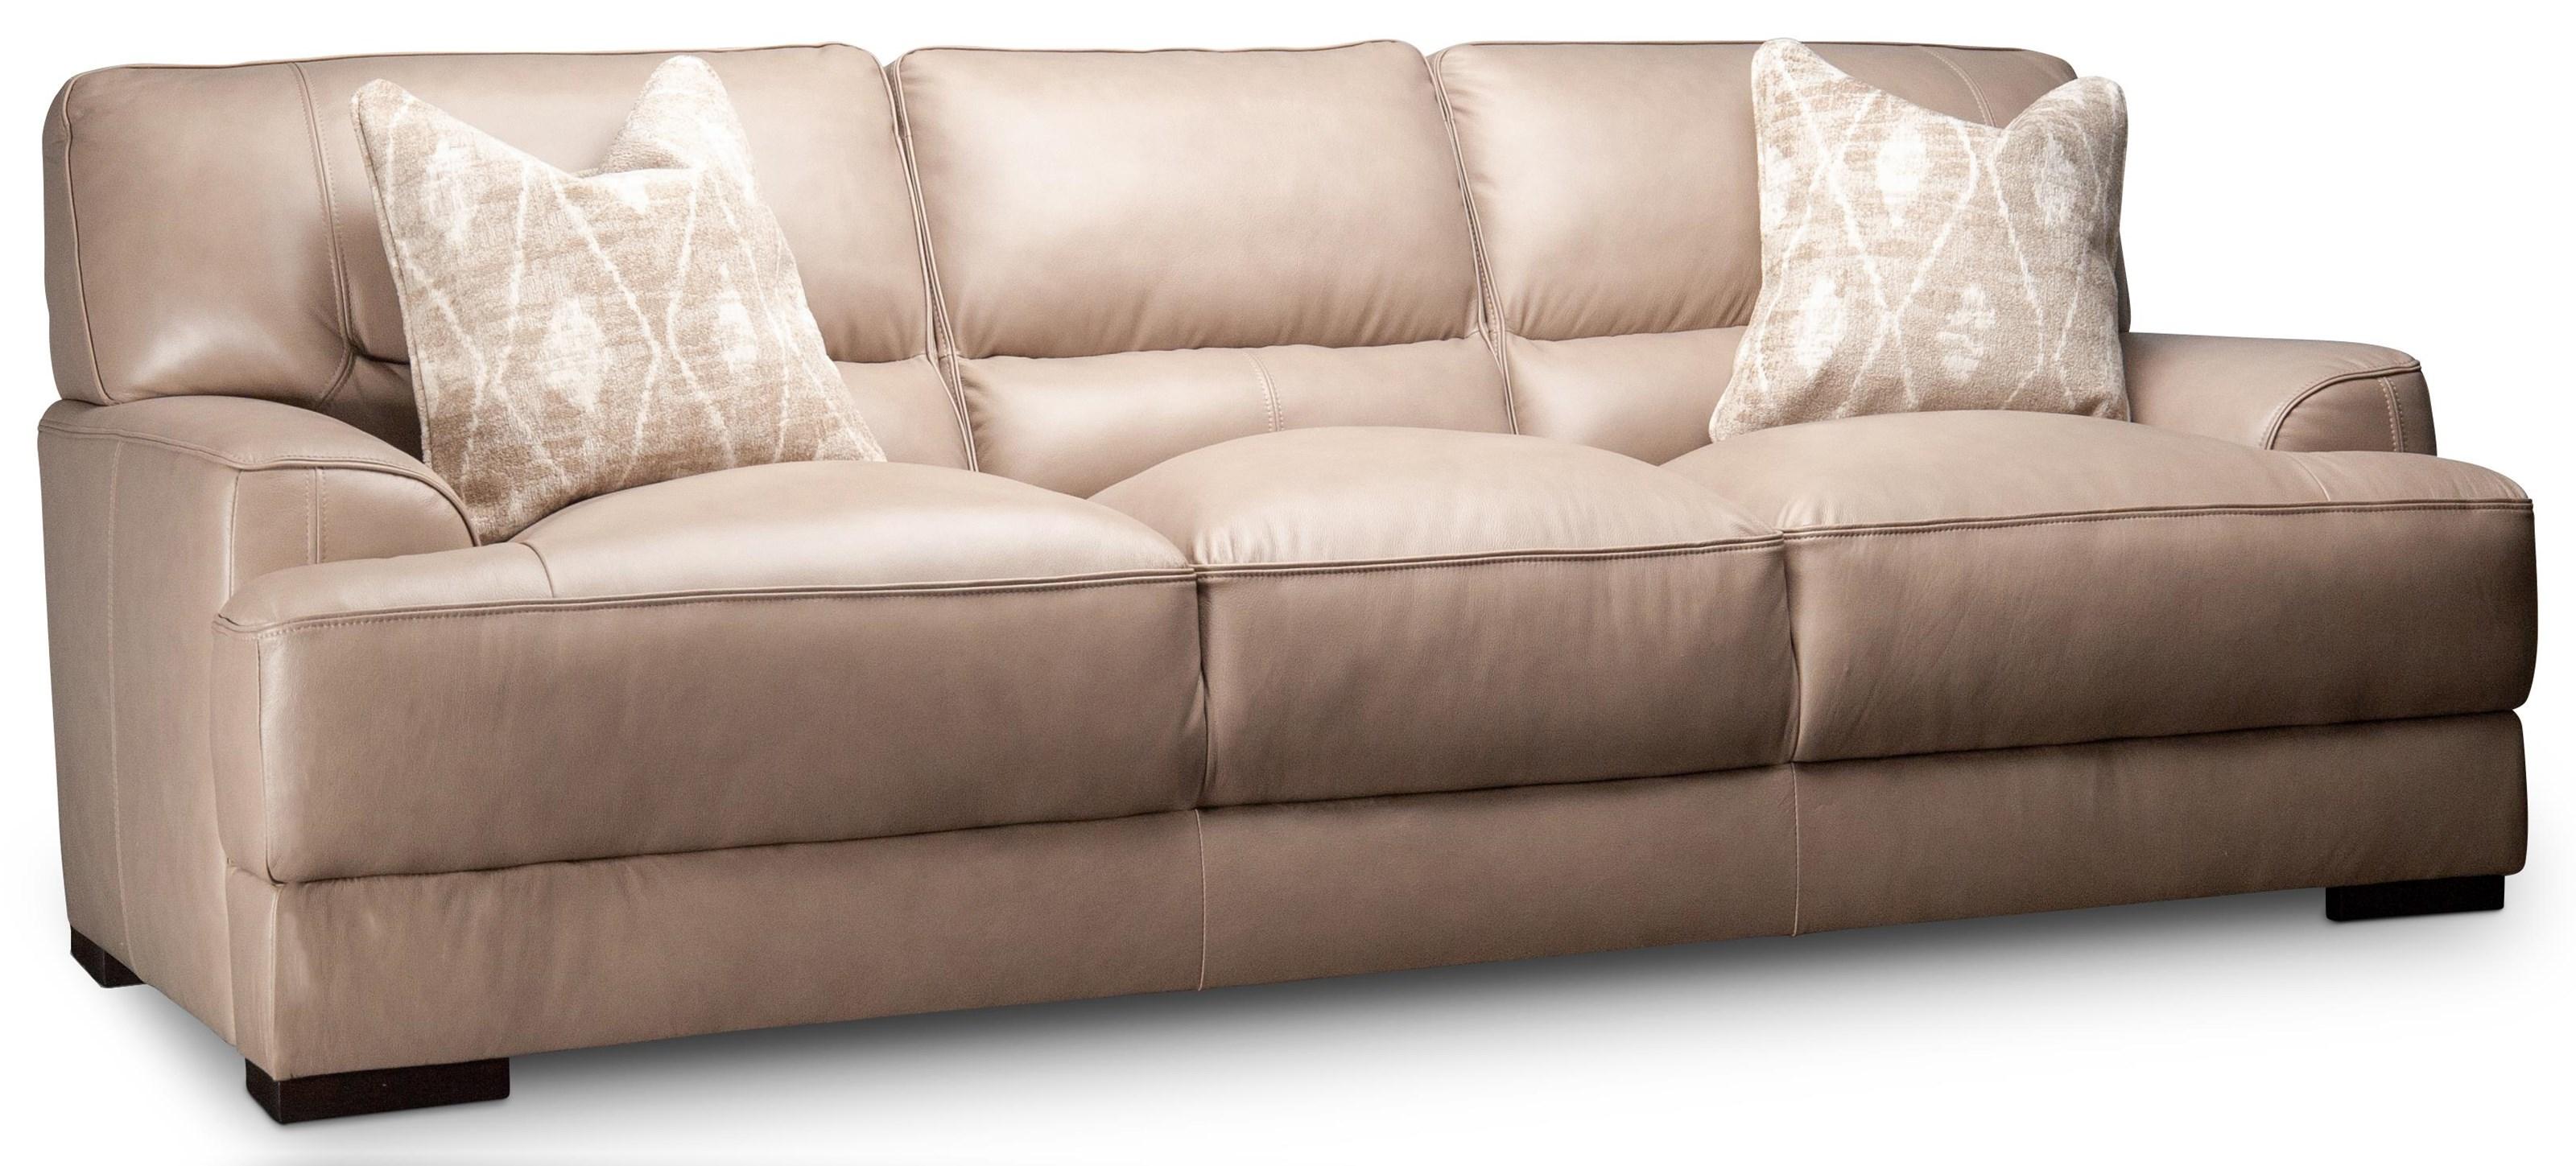 Winnett Winnett Leather Sofa by Kuka Home at Morris Home